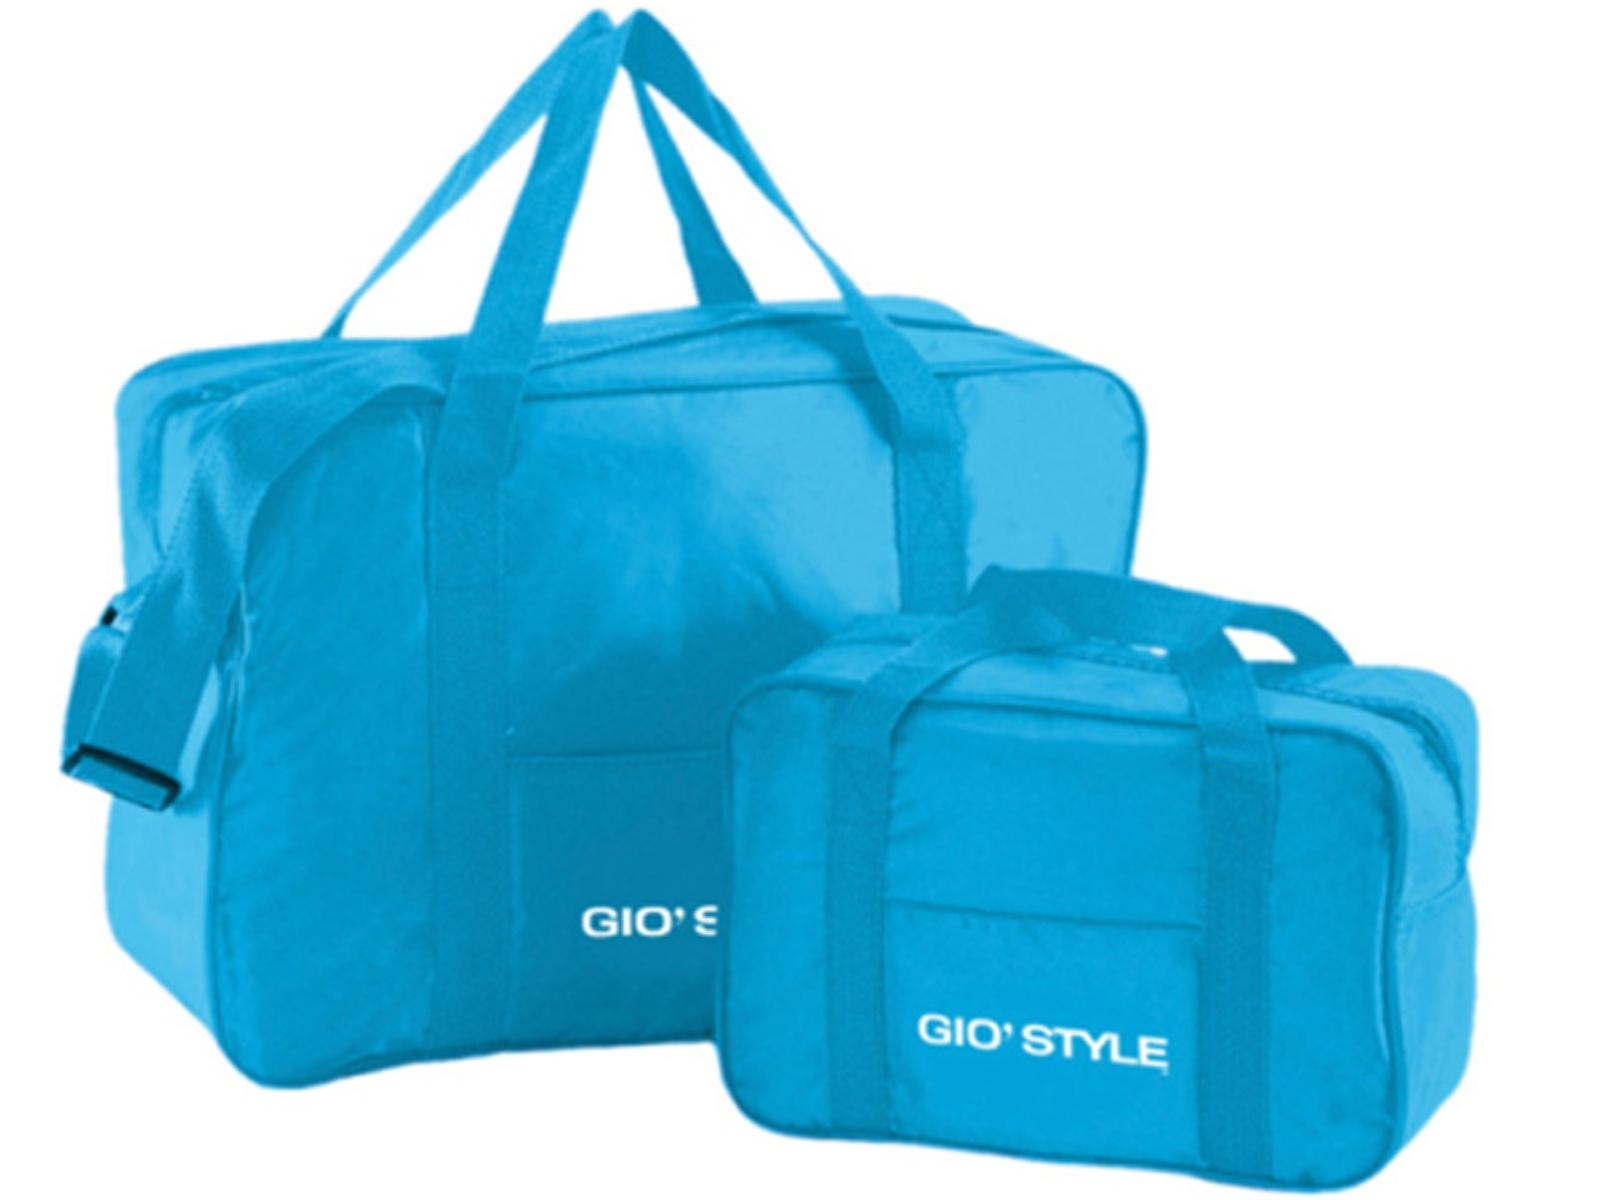 Chladící Taška GIO STYLE Fiesta sada 2 ks - modrá